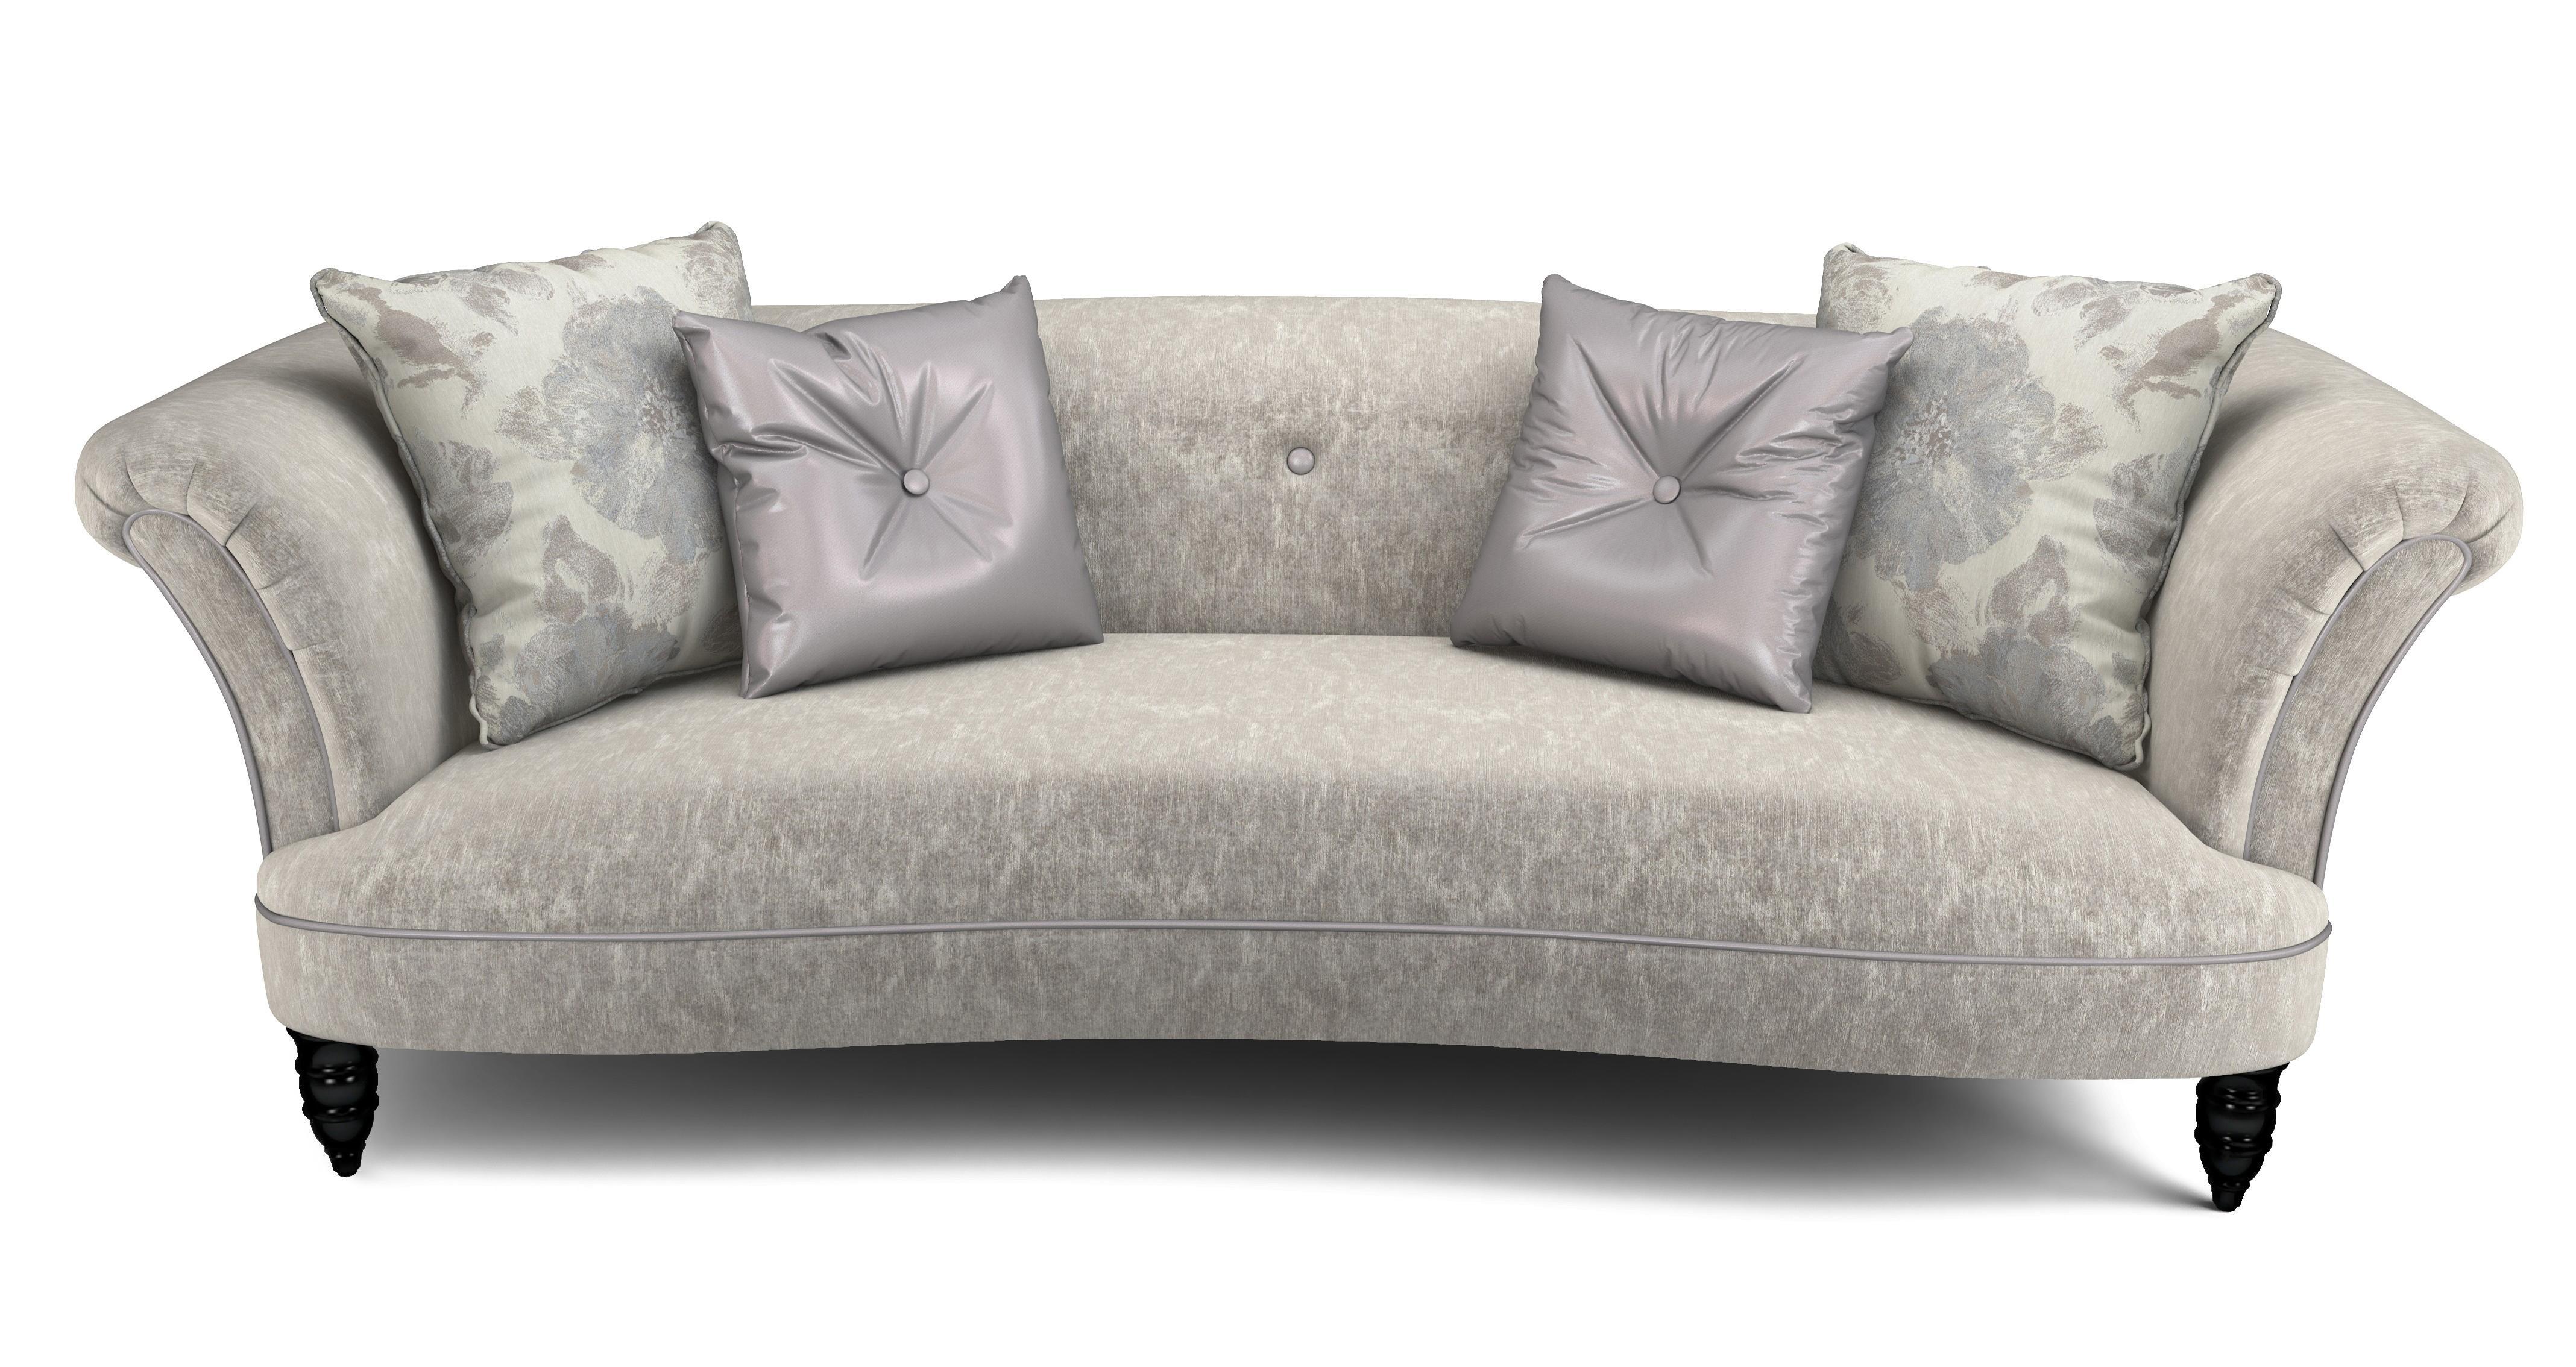 dfs sophia sofa reviews set quikr bangalore fabric sofas | brokeasshome.com